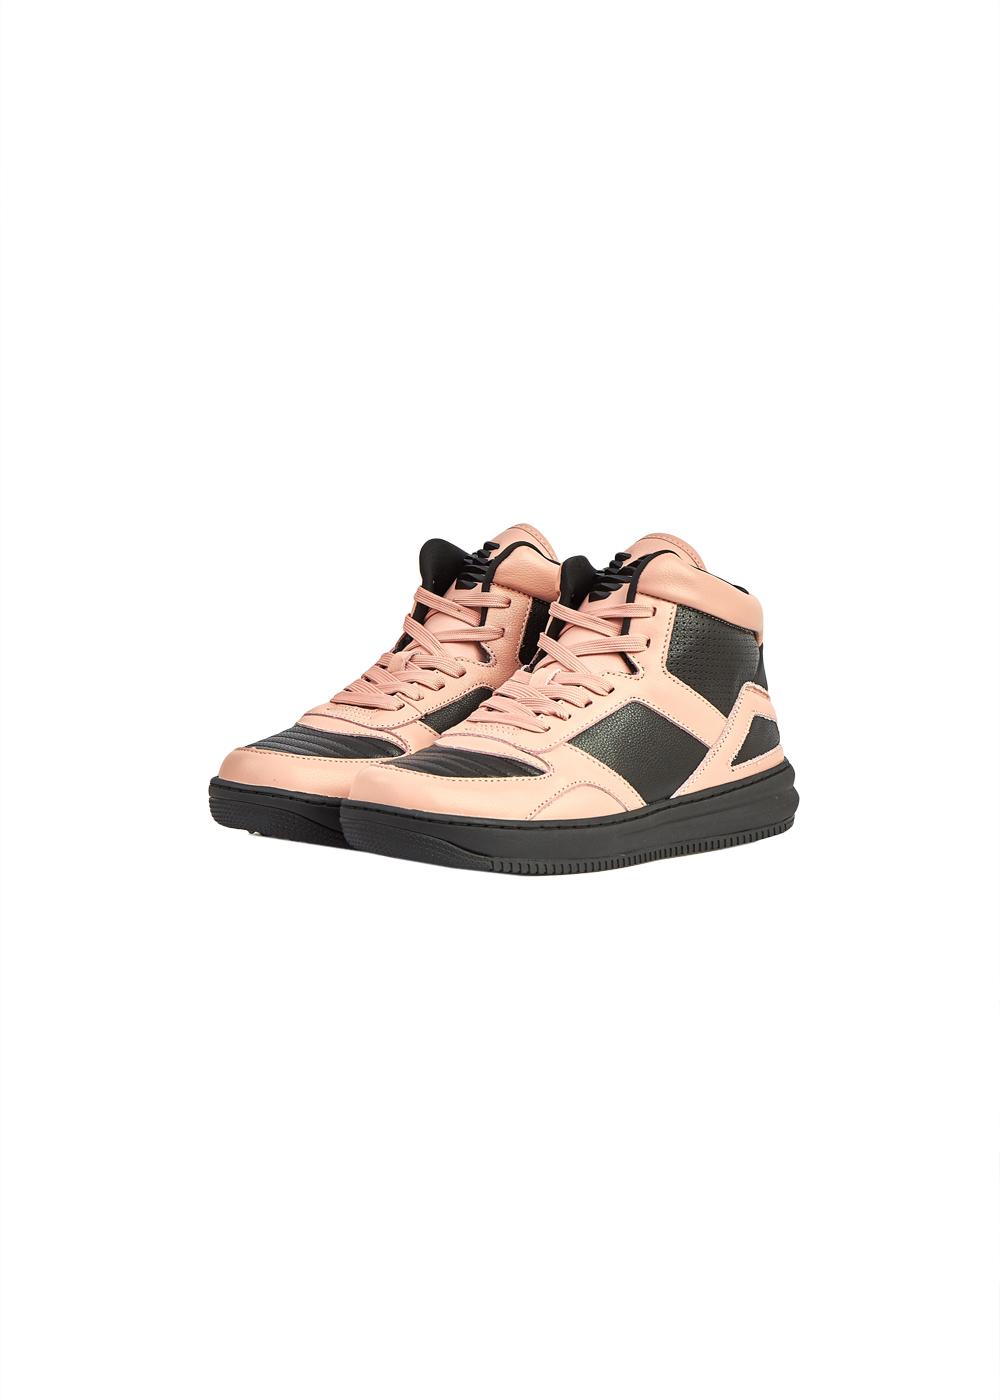 Купить Emporio Armani кроссовки